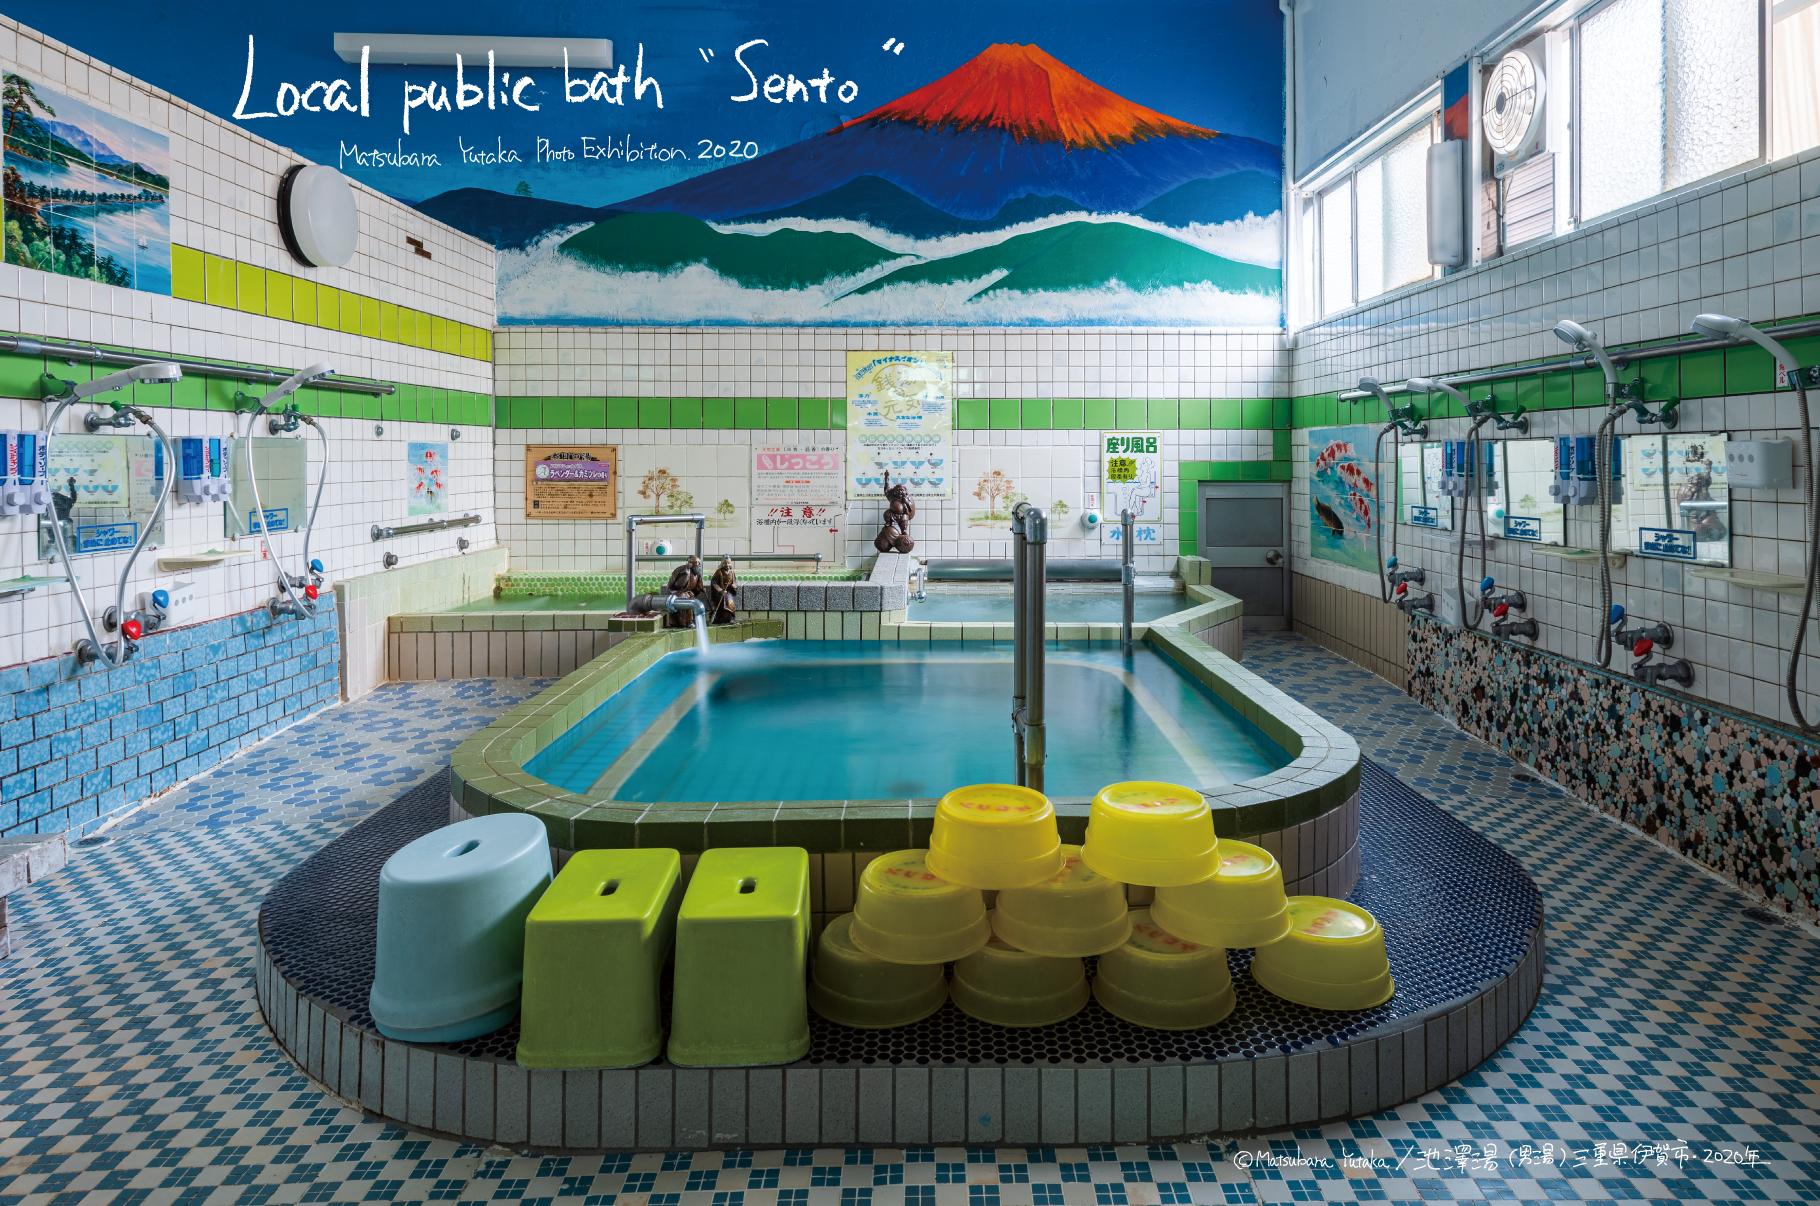 """200707Local public bath """"Sento""""TOTEM DM写真面"""